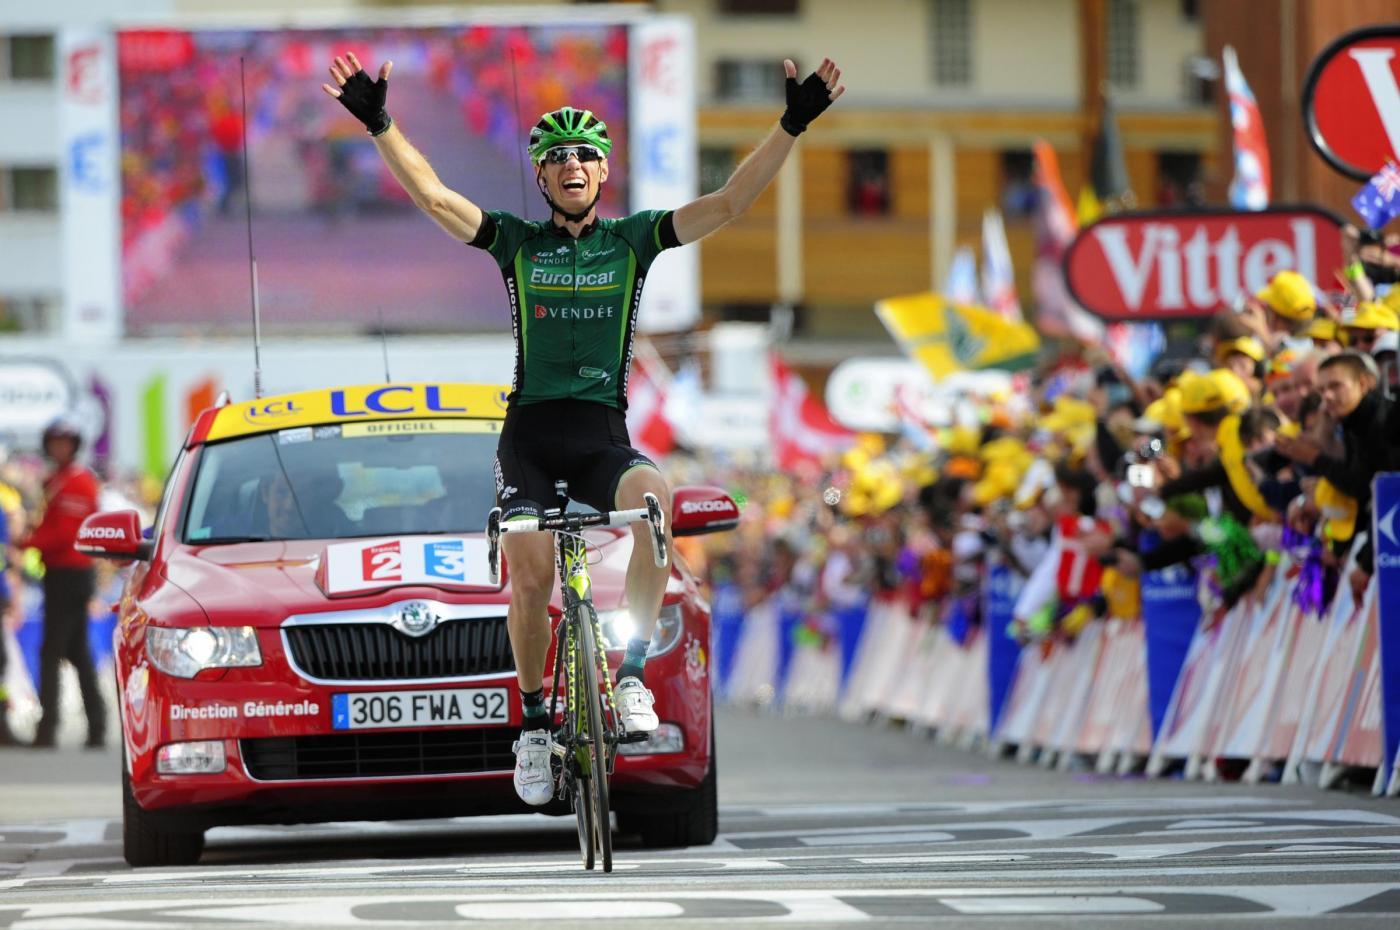 Tour de France 2018 favoriti tappa 12: giornata campale sull'Alpe d'Huez! Rolland, vincitore nel 2011